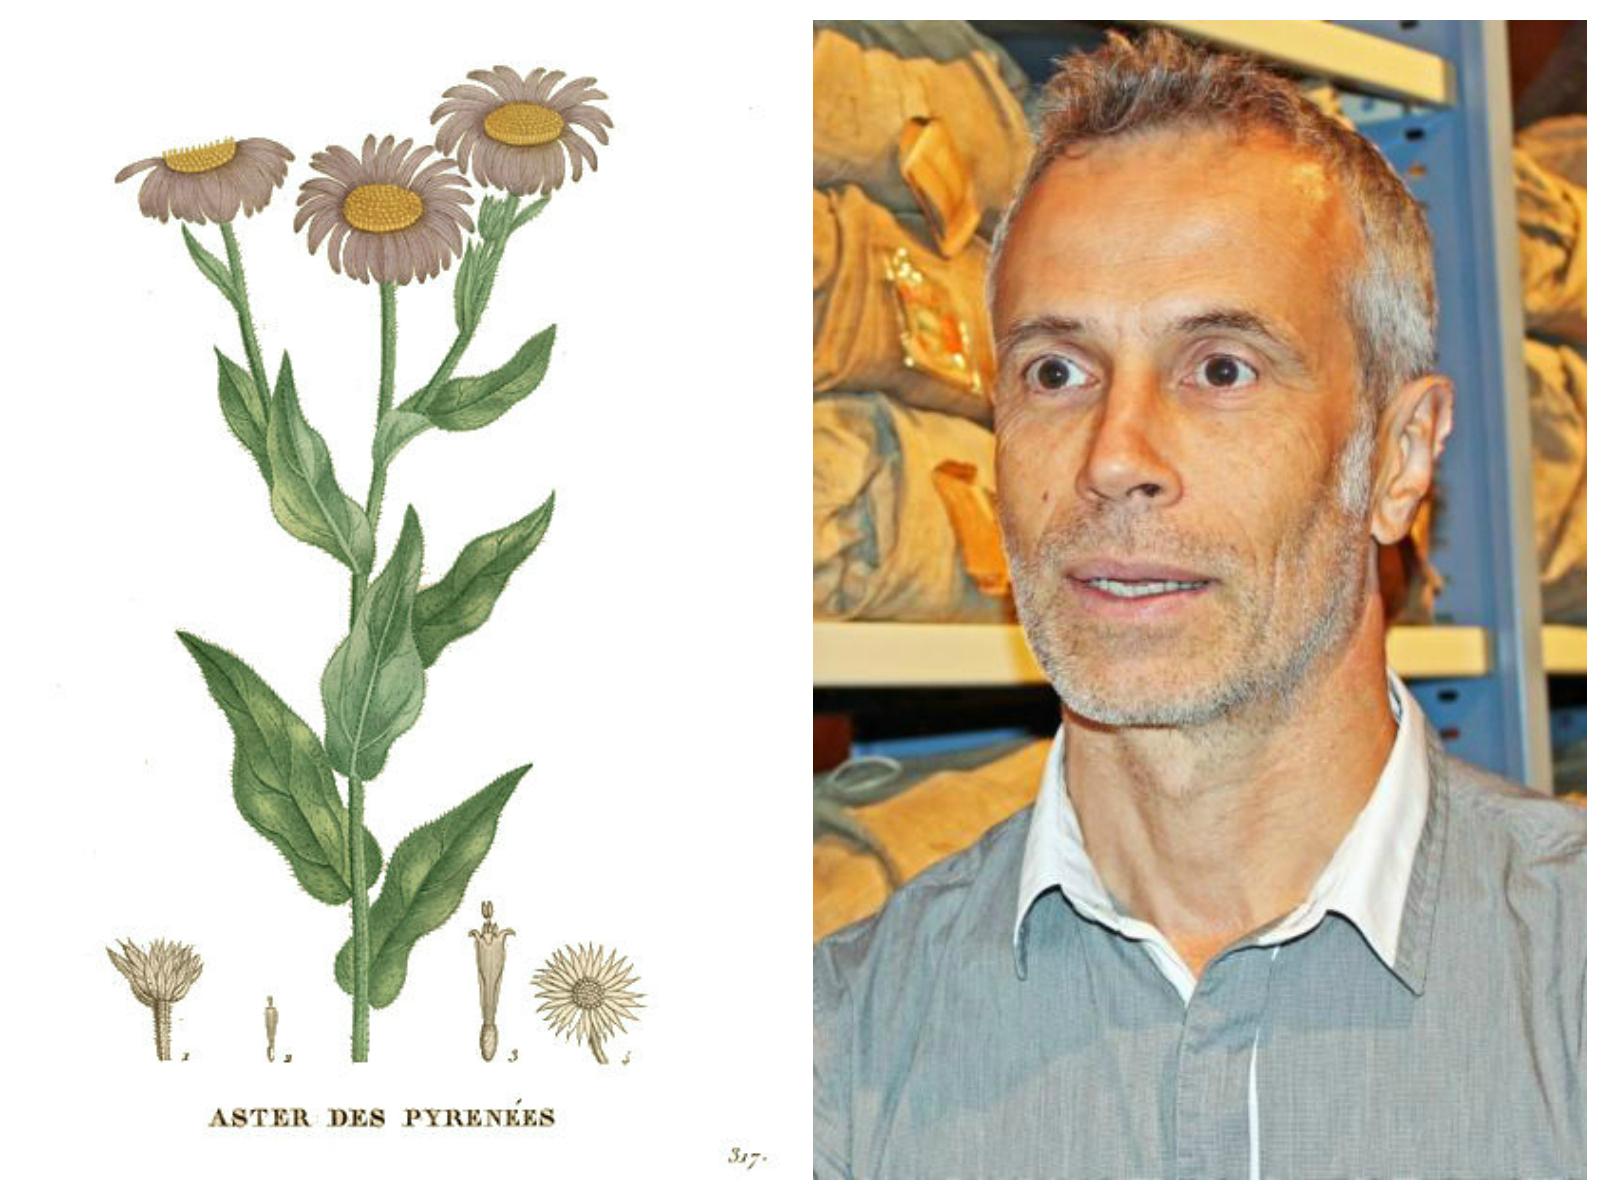 Conférence avec Gérard Largier, directeur du Conservatoire botanique national des Pyrénées et de Midi-Pyrénées